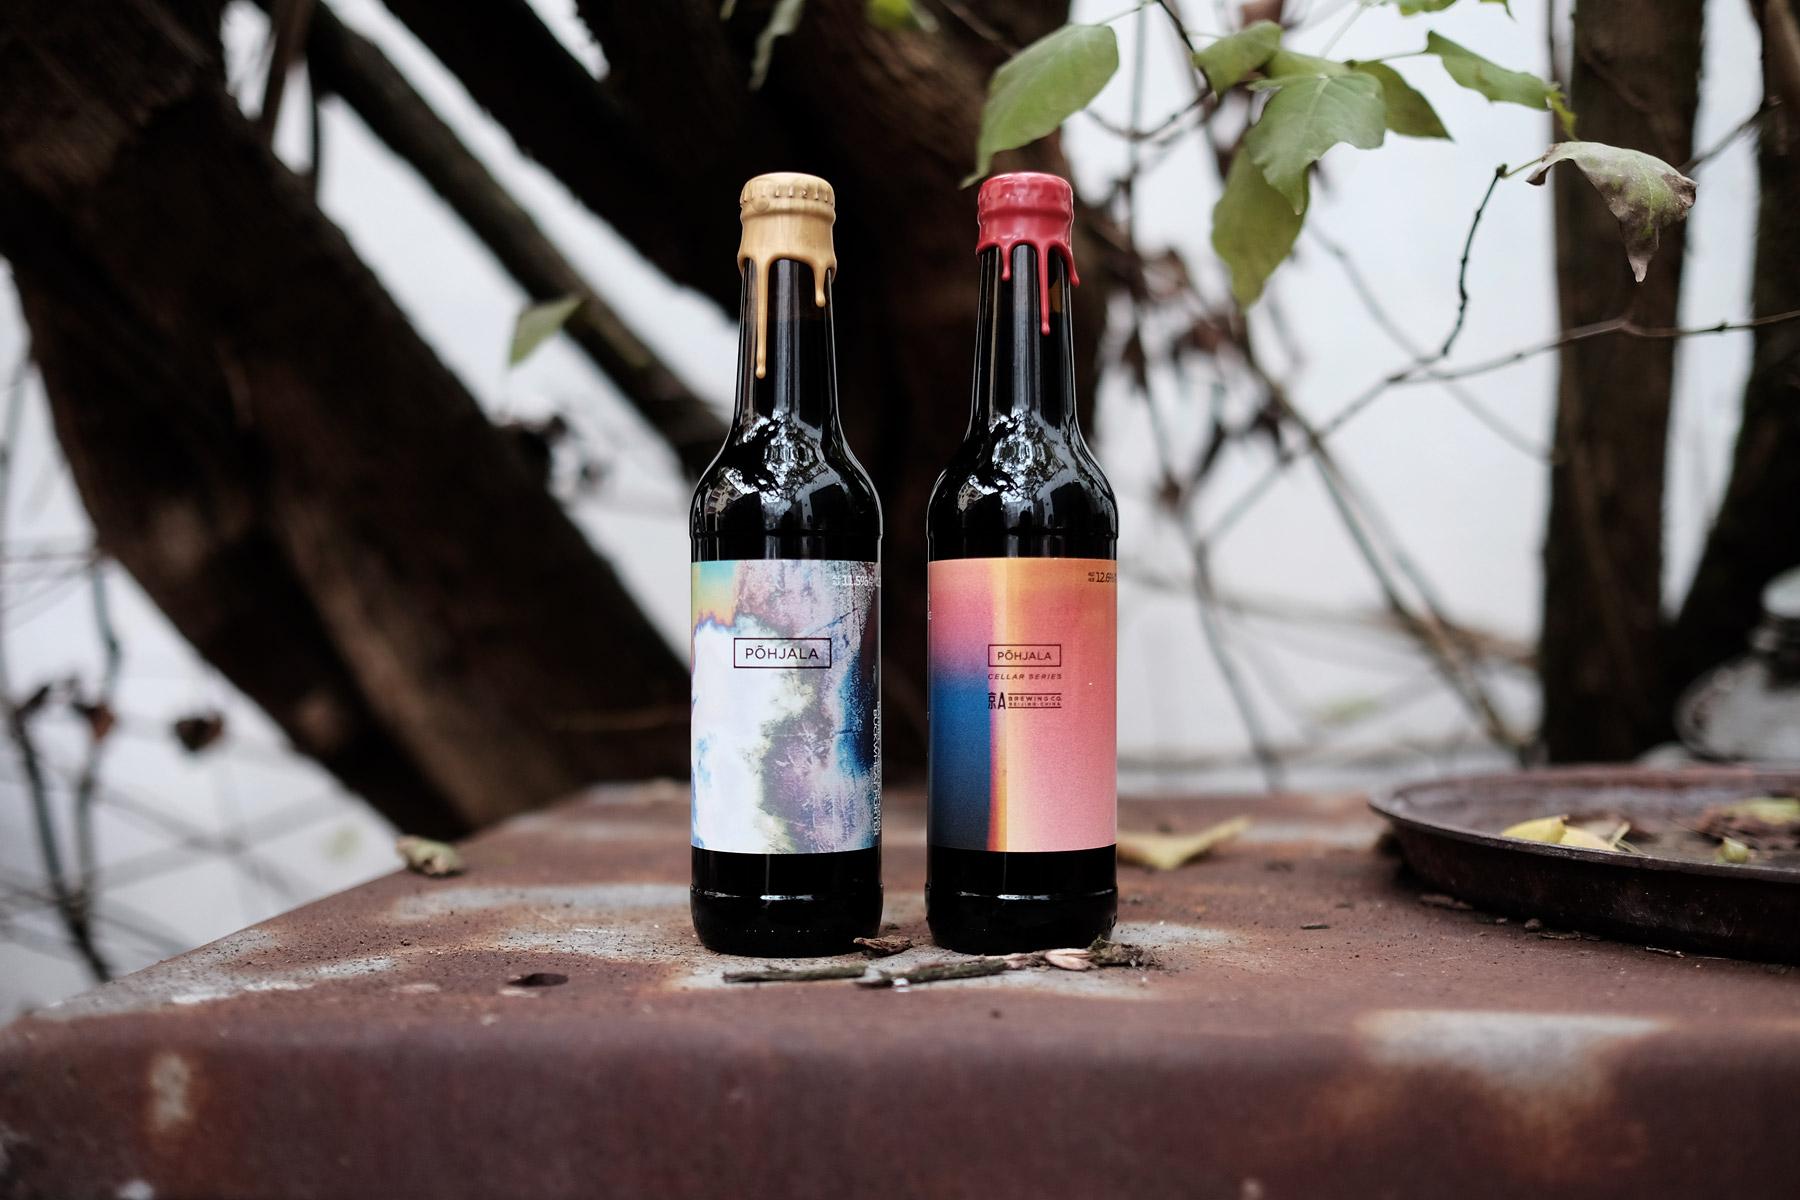 pohjala-barrel-aged-craft-beer